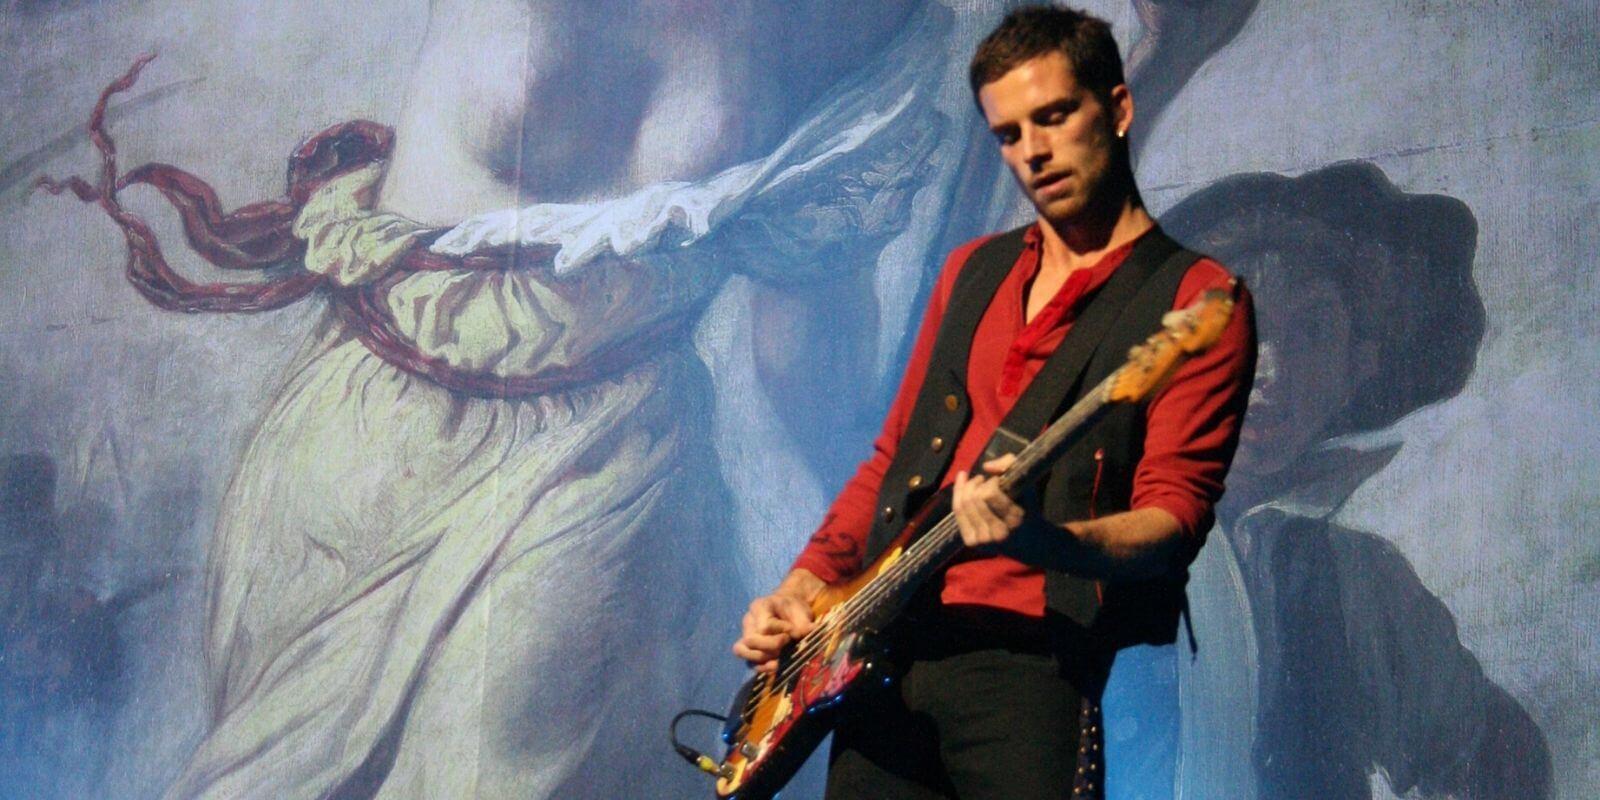 Le bassiste de Coldplay investit dans un nouveau projet crypto